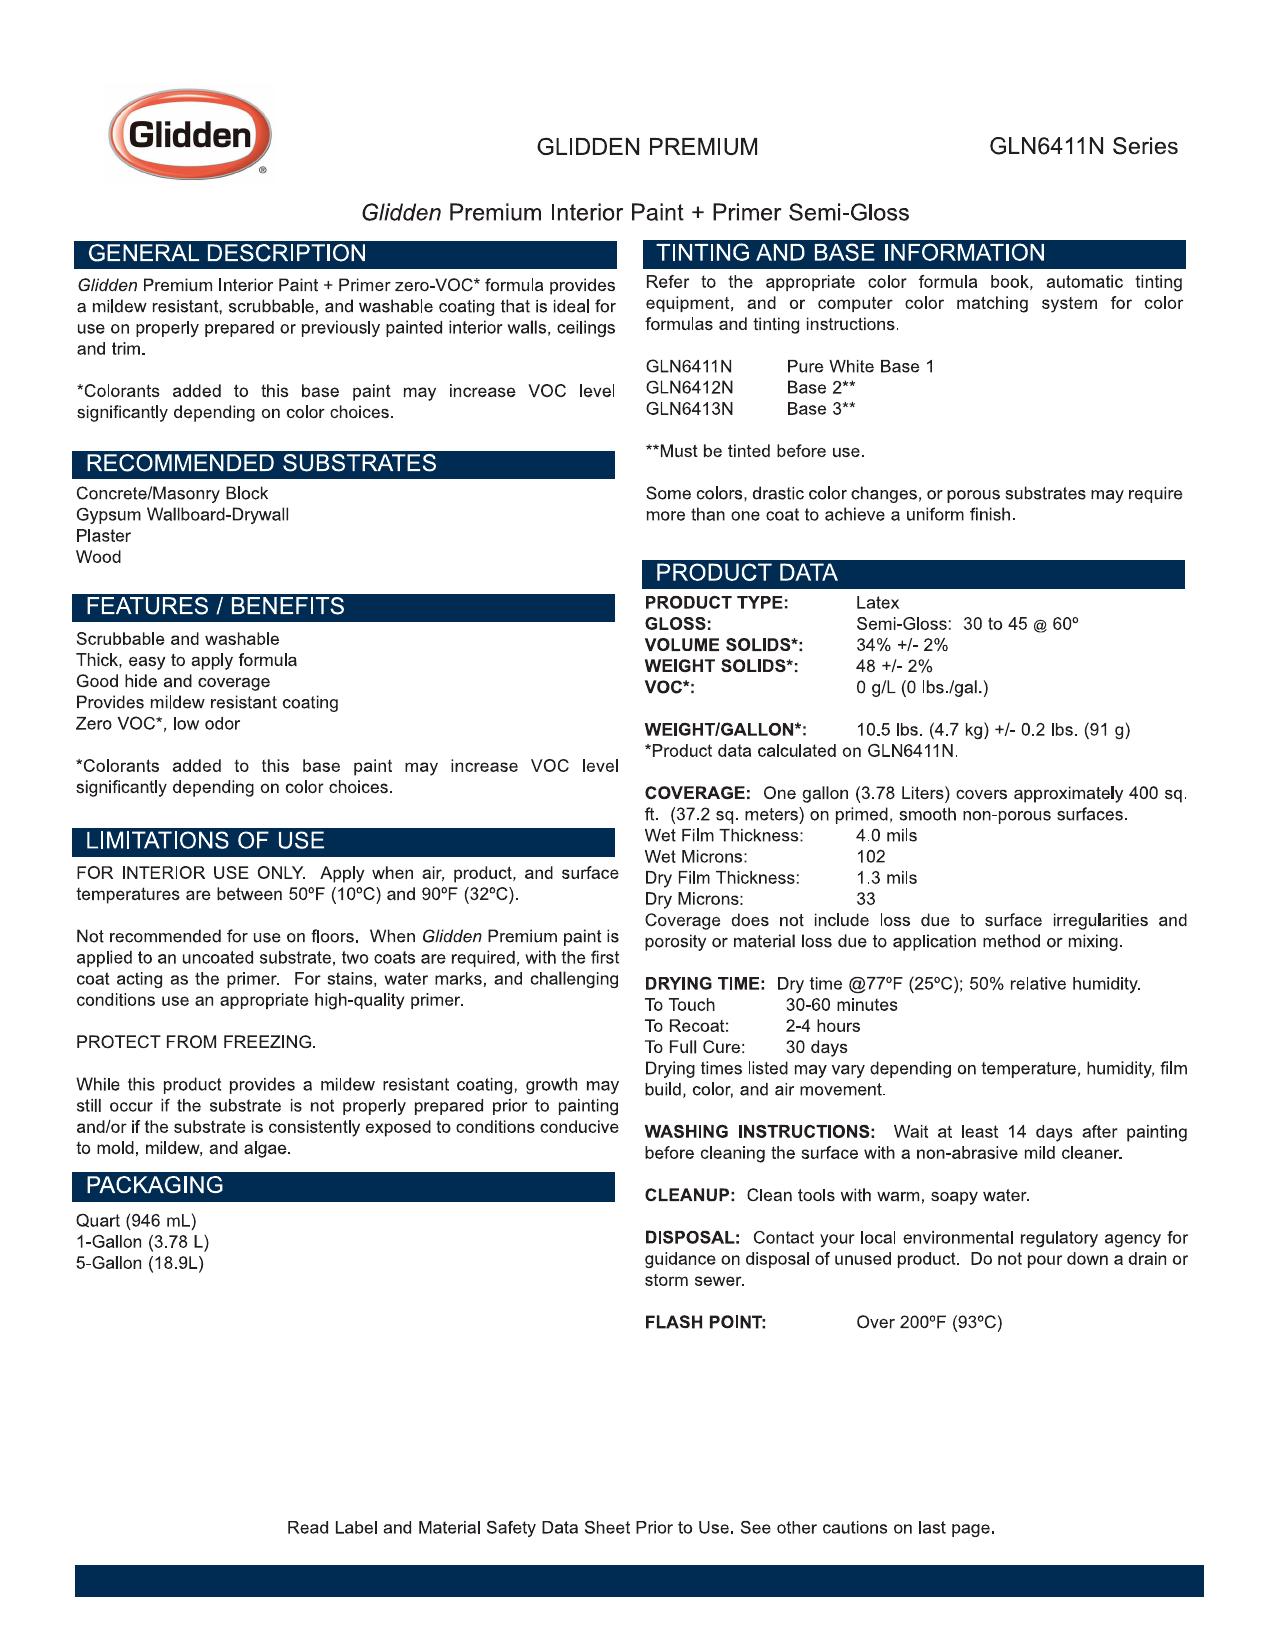 Glidden Premium Hdgo10up 05sn Ppg1163 5p 05sg Ppg1104 5p 16sg Ppg1231 6p 16sg Ppg1176 6p 16sg Hdgg21dp 01sn Ppg1095 7p 05sg Ppg1184 7p 04sg Hdgv23p 01sn Ppg1101 6p 16sg User Manual Manualzz